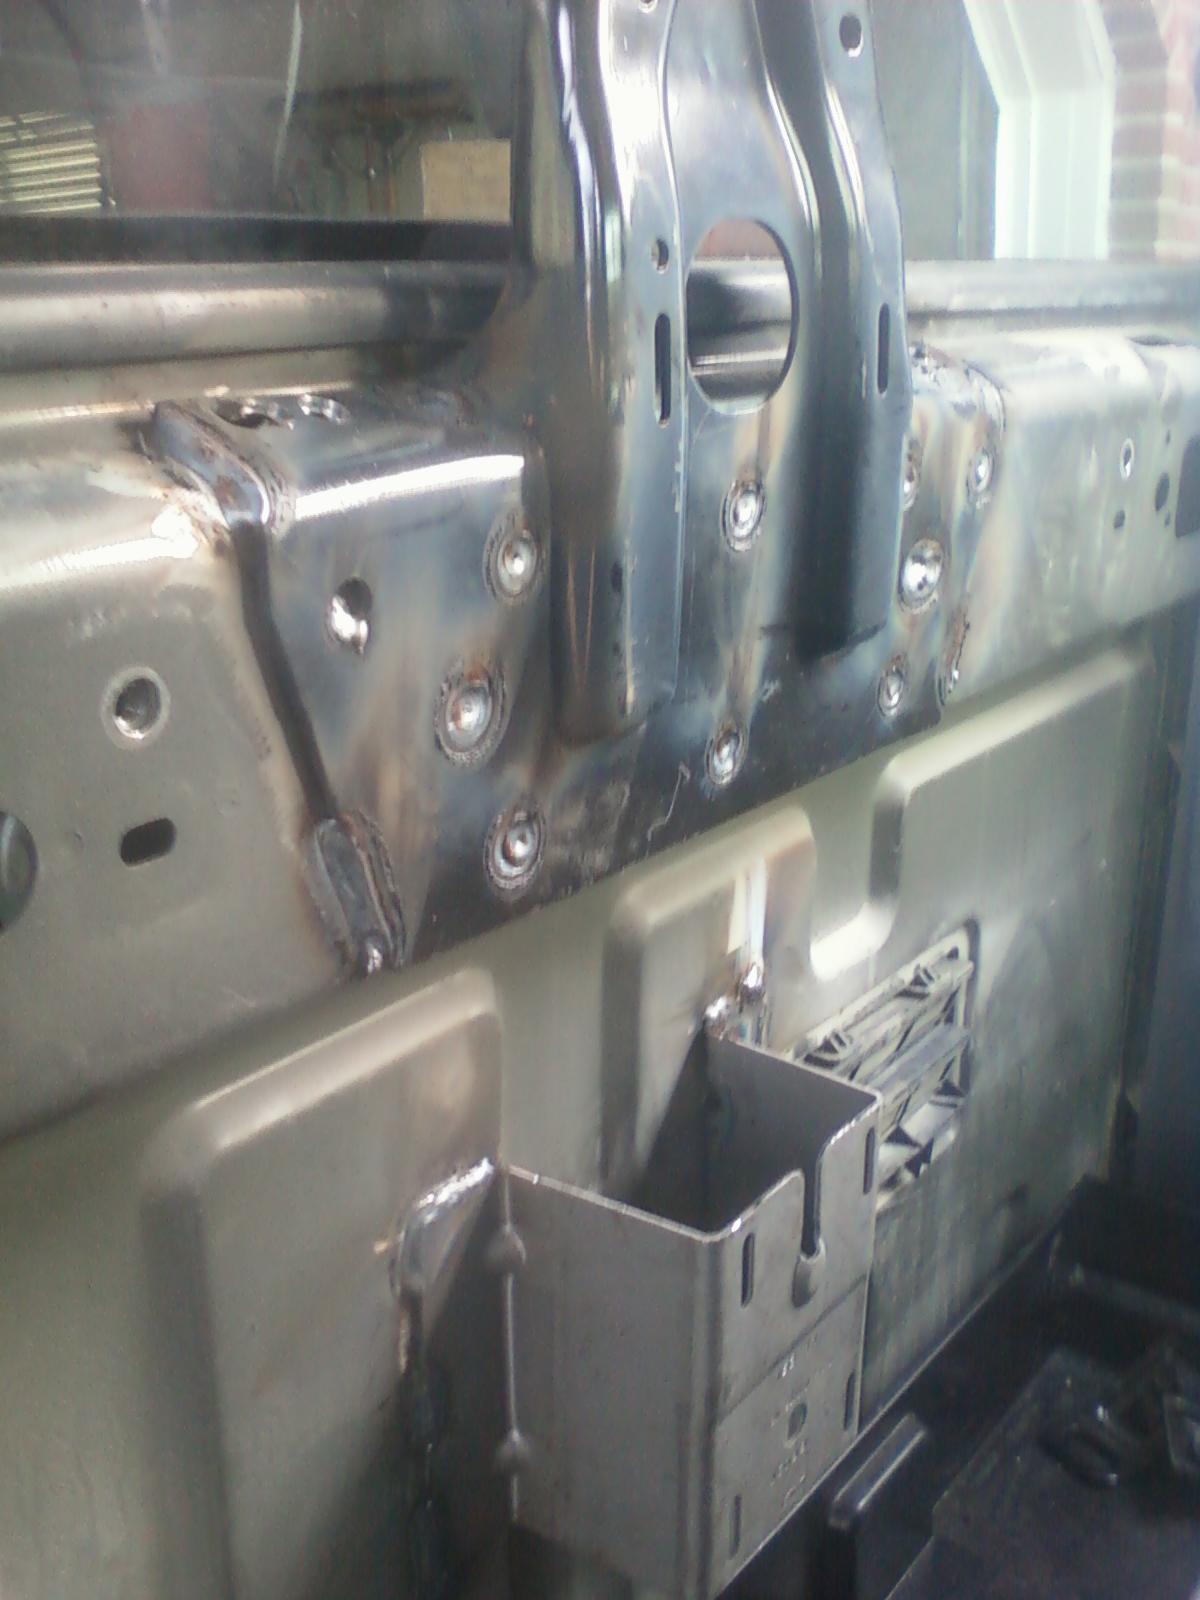 '2011 Seatbelts in a '2002 F350-0102121520.jpg